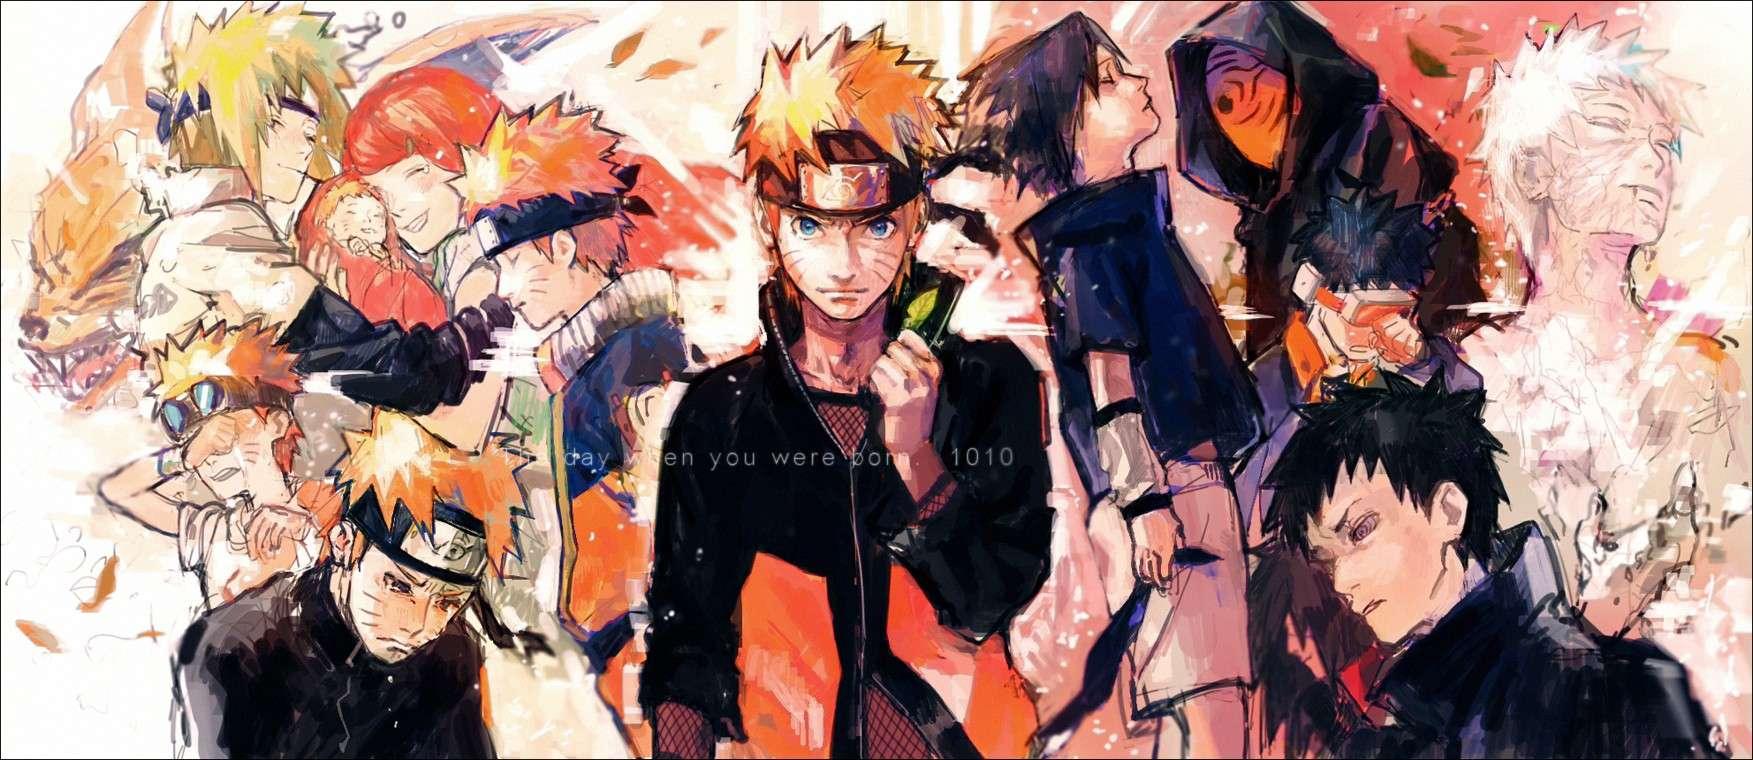 ~Ramen Ichiraku ~ (Naruto, Naruto Shippuden) - Page 5 Naruto11